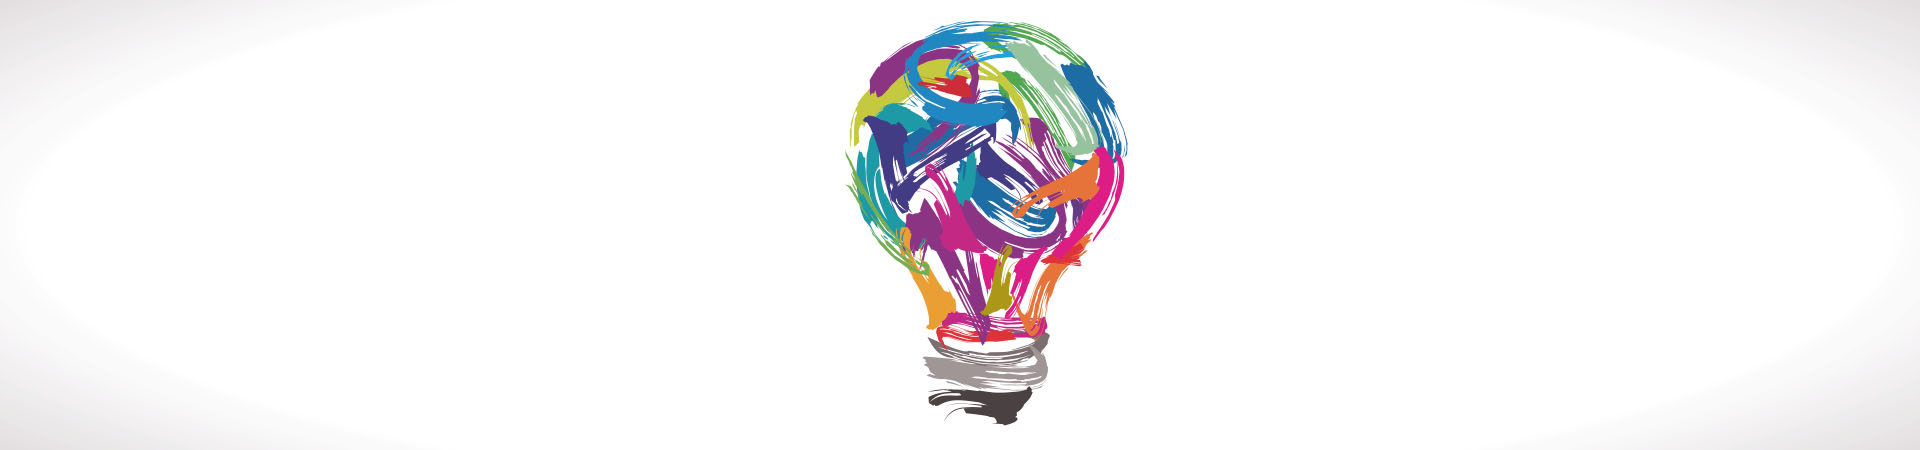 _inovacaopodeseralgosimples